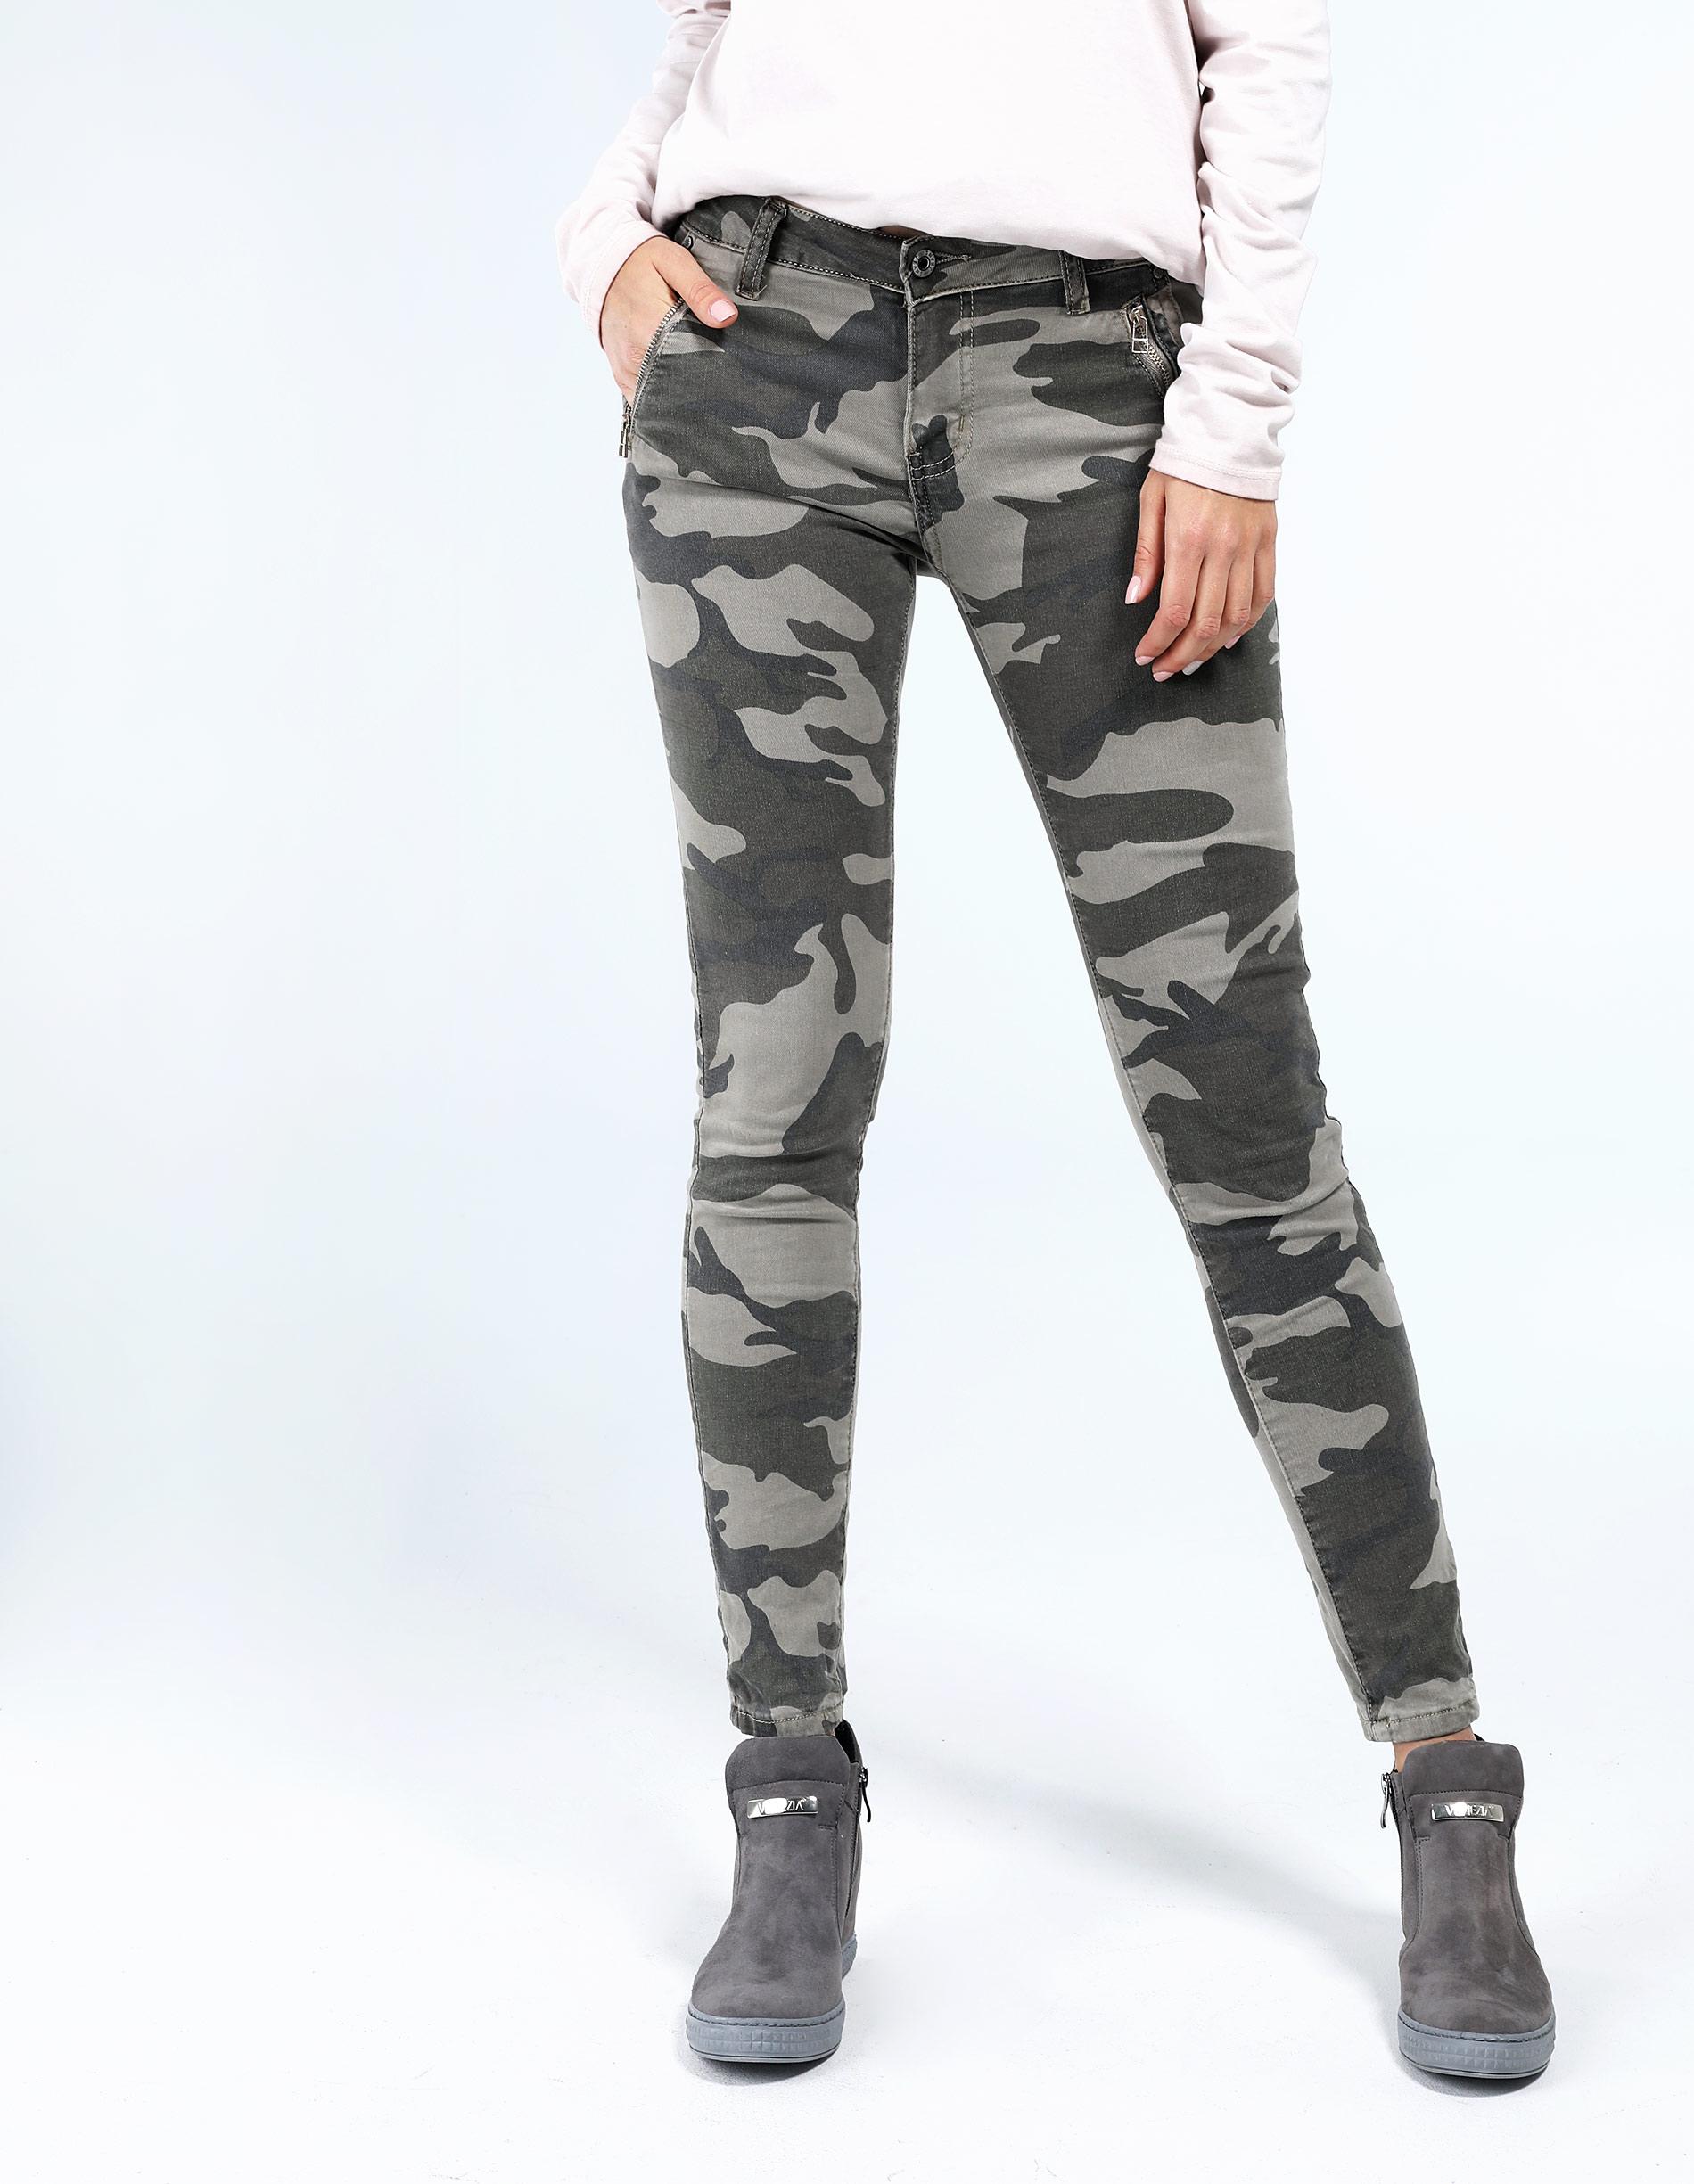 Spodnie - 154-9938 BEIG - Unisono